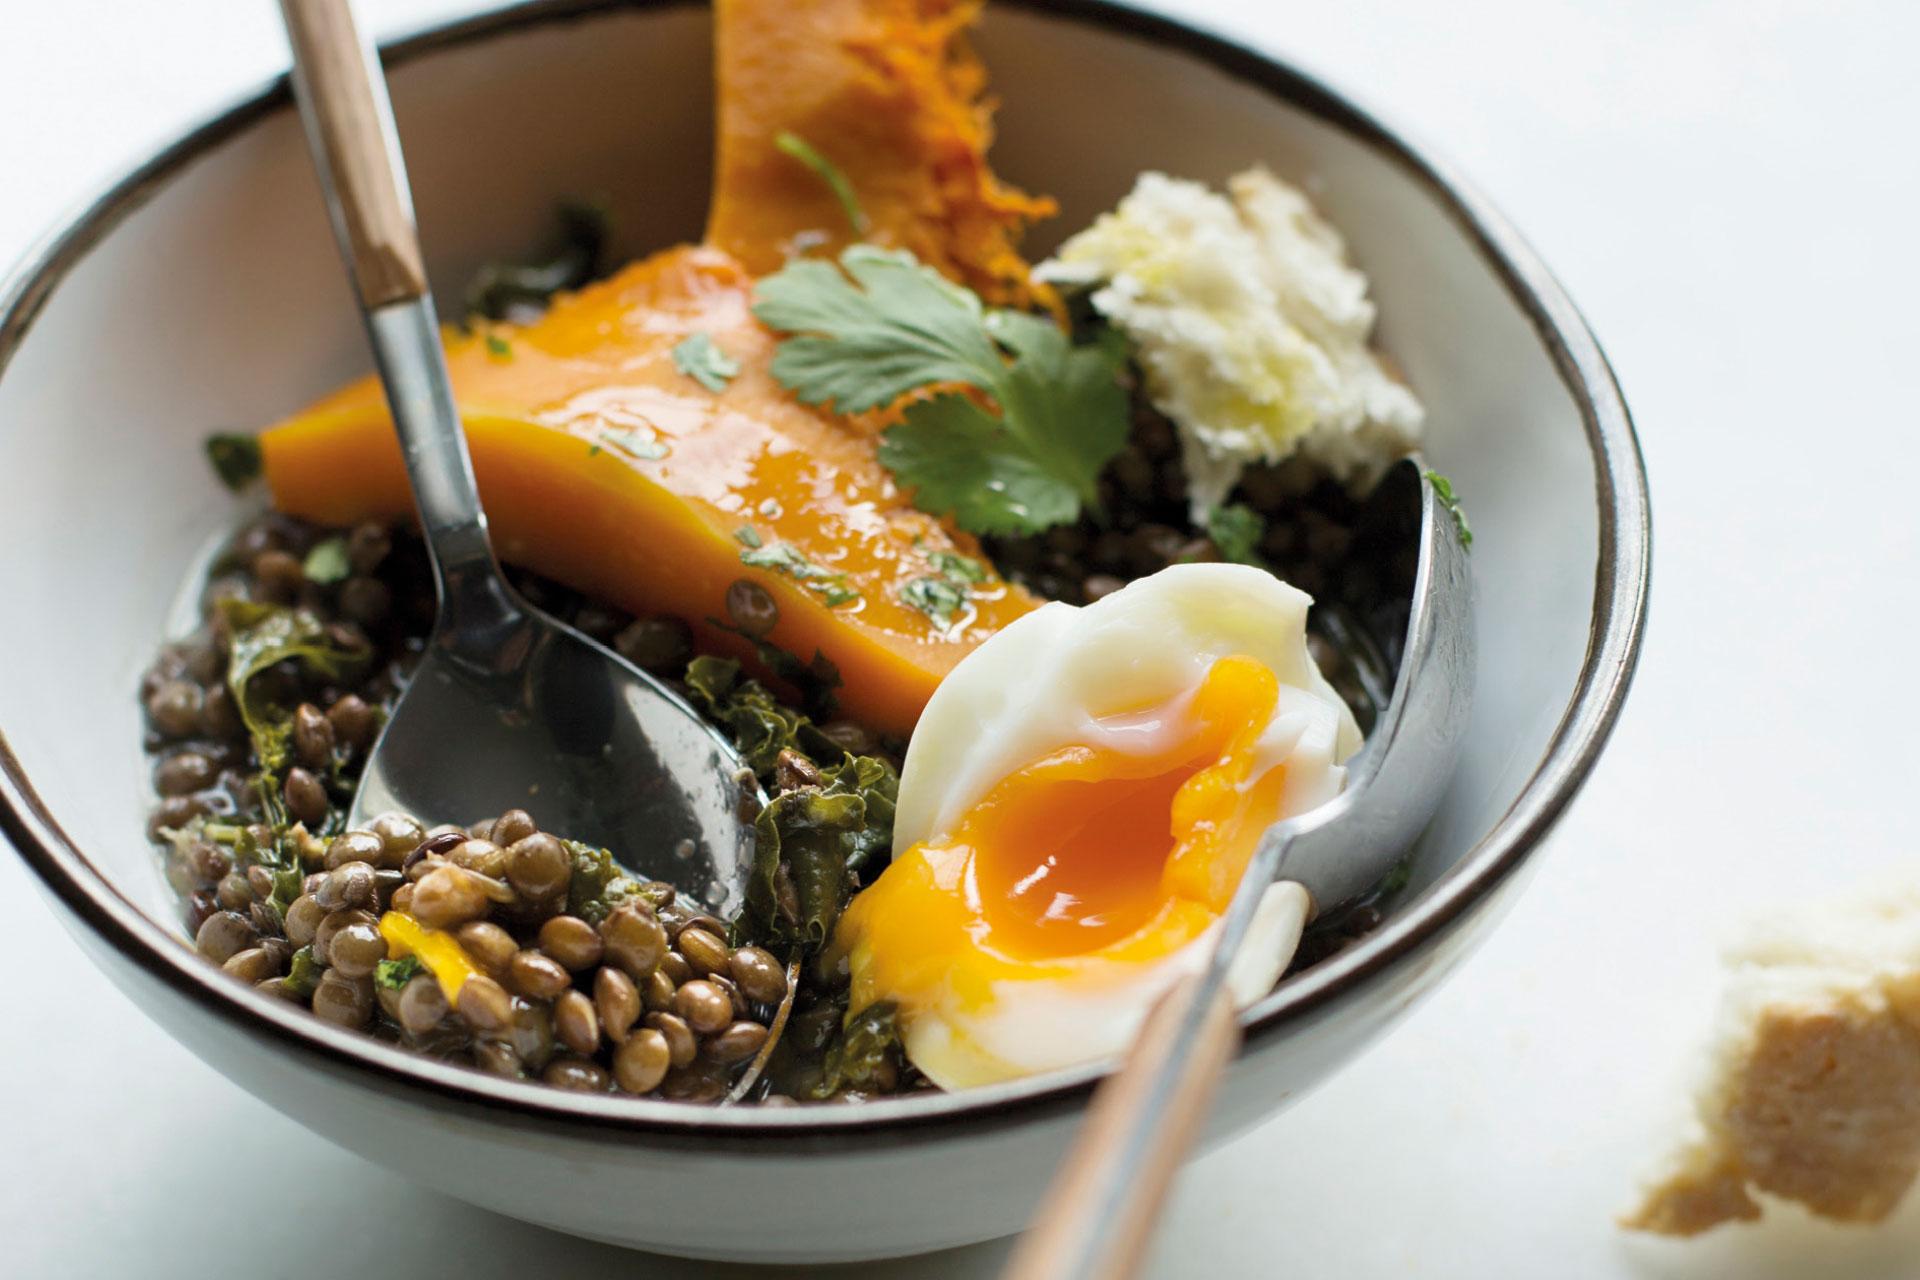 Receta de Lentejas verdes con col, calabaza y huevo mollet | Cocinas Santos | Santiago Interiores